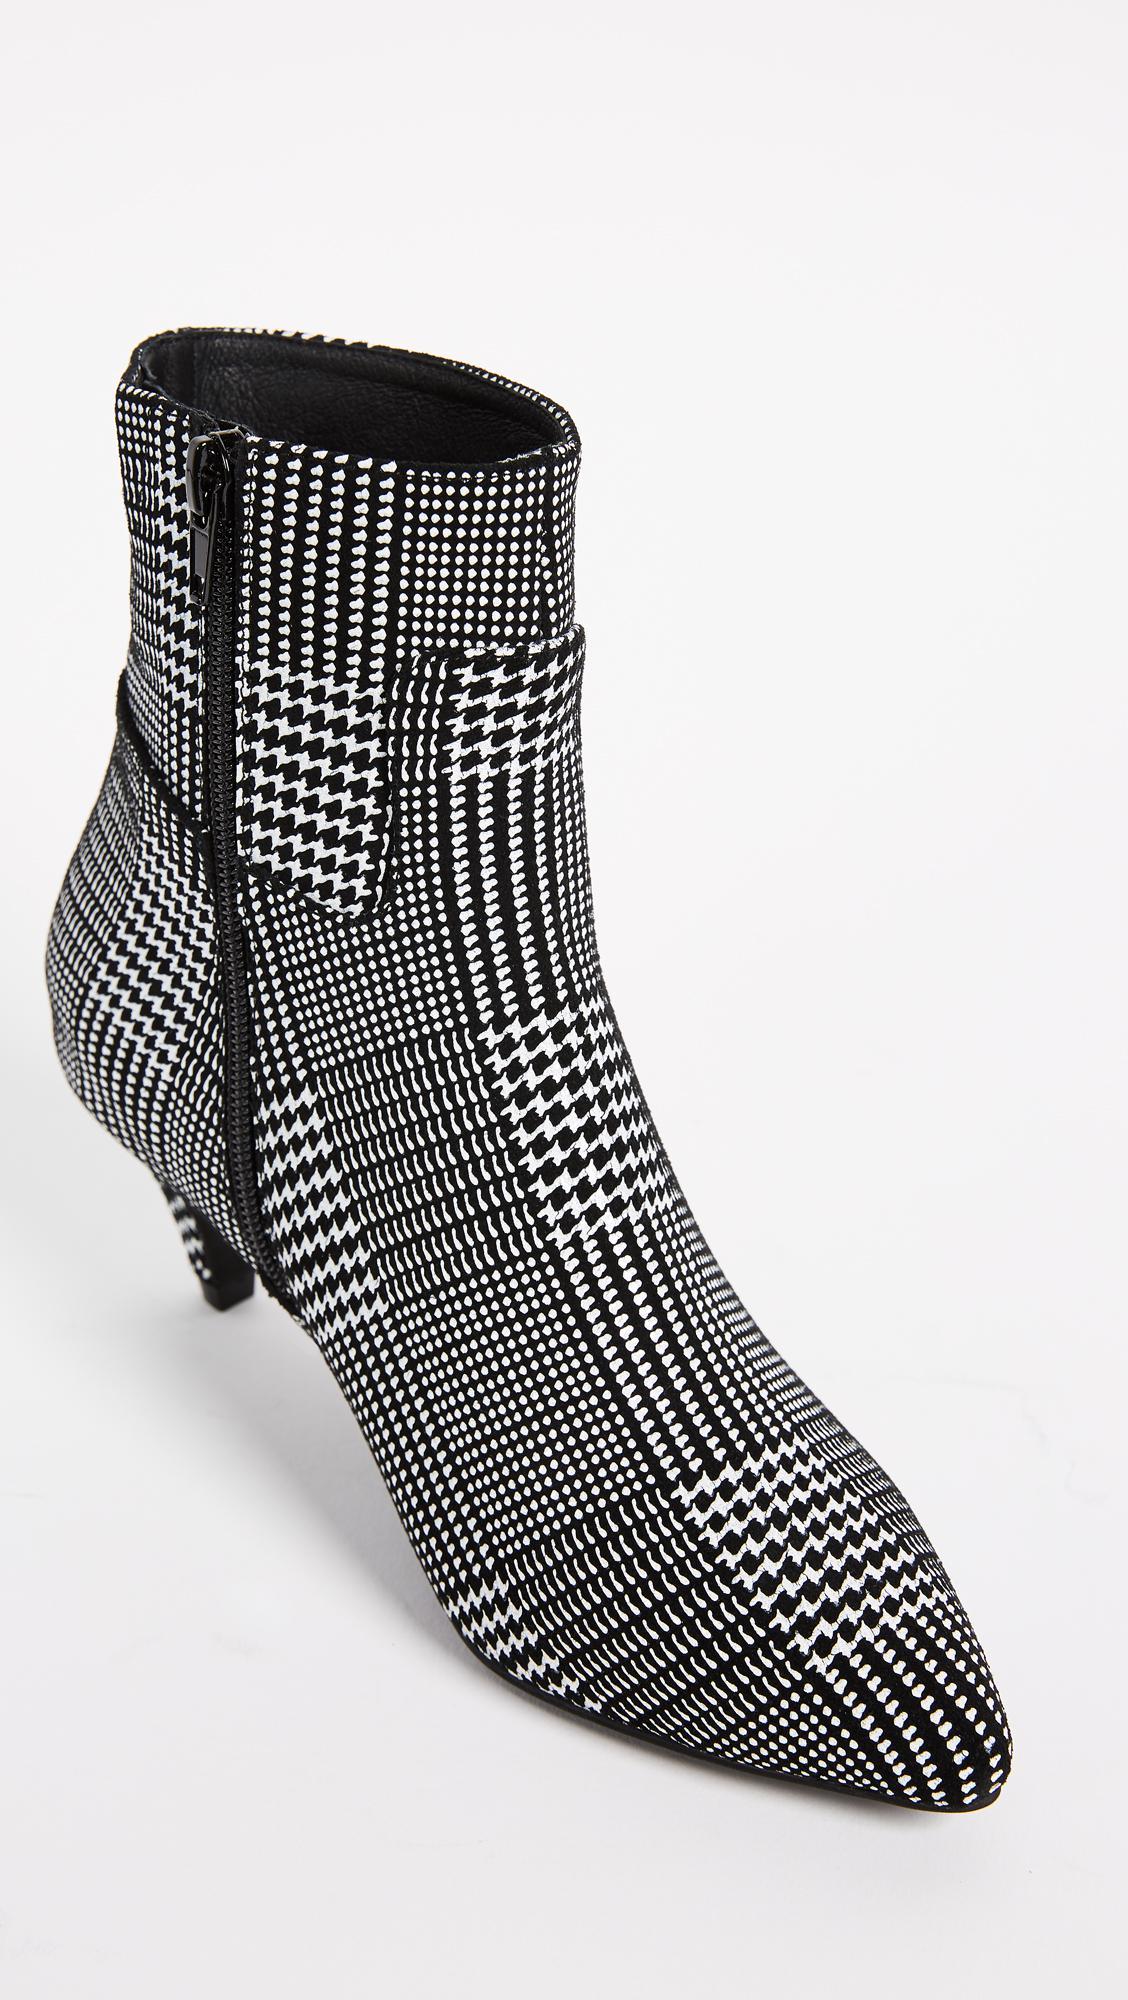 Jeffrey Campbell Tweed Muse Kitten Heel Booties in Black/White (Black)